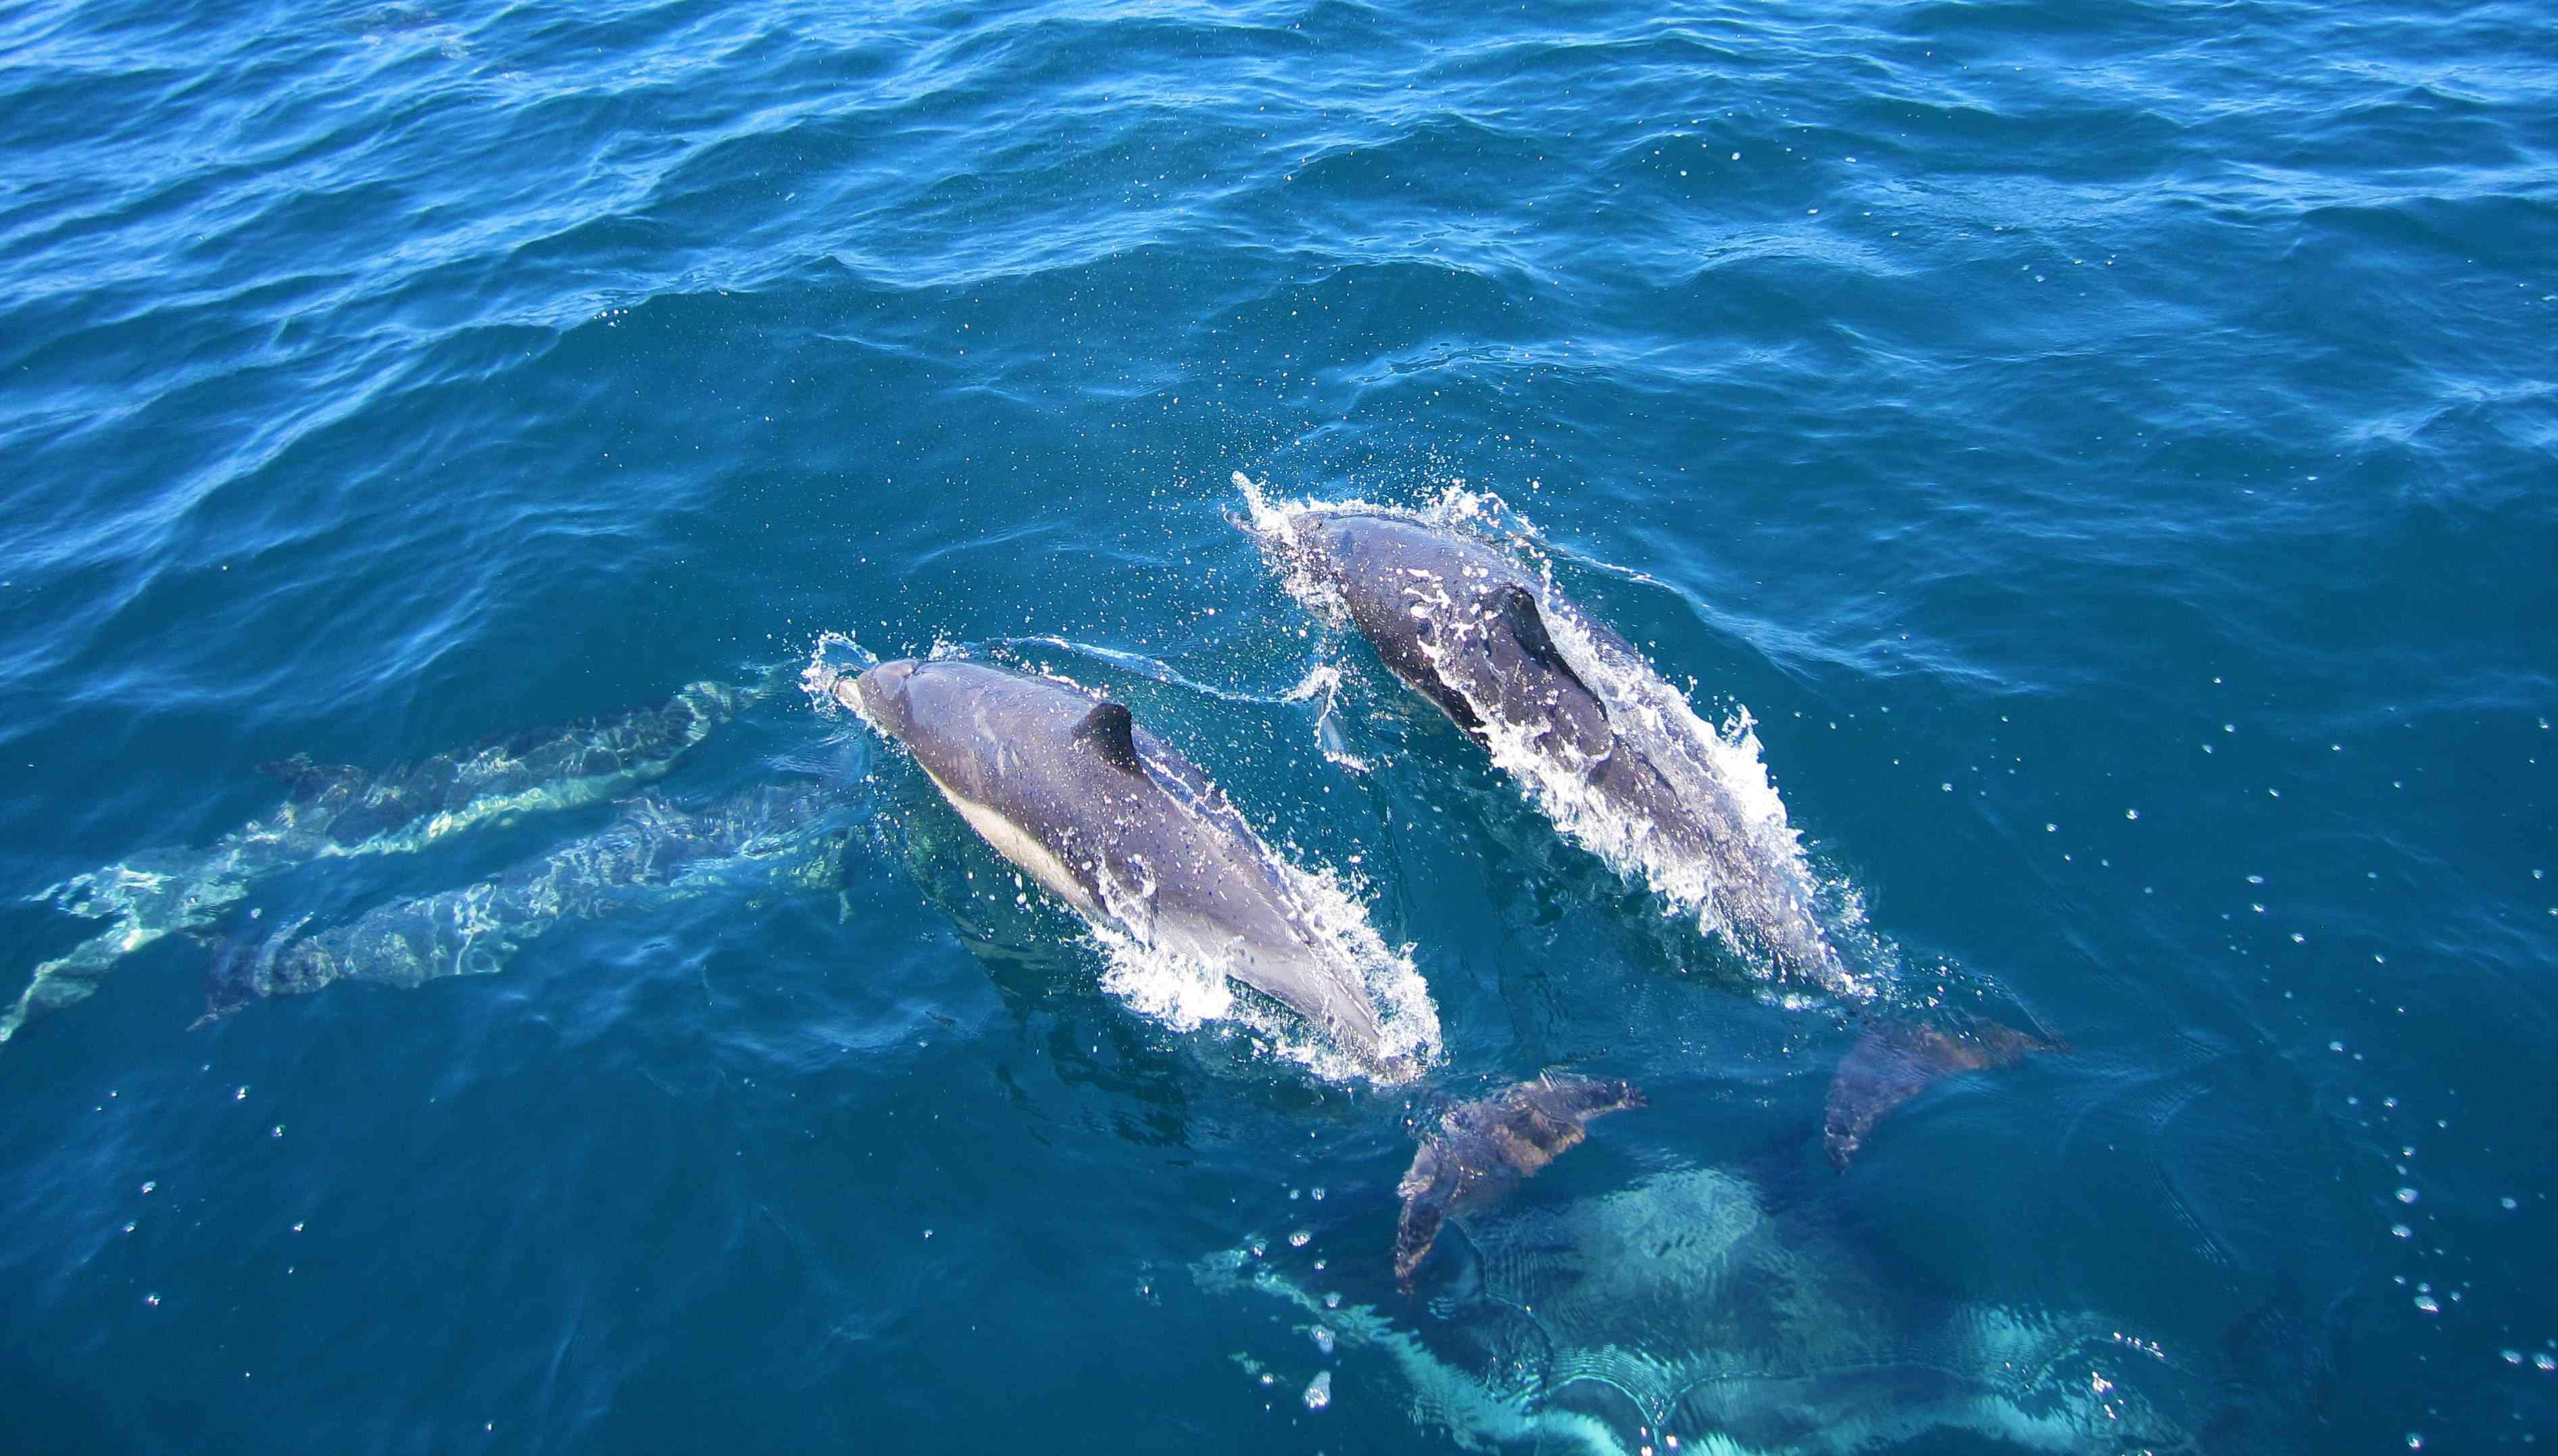 Dolphins in the Pelagos Marine Sanctuary